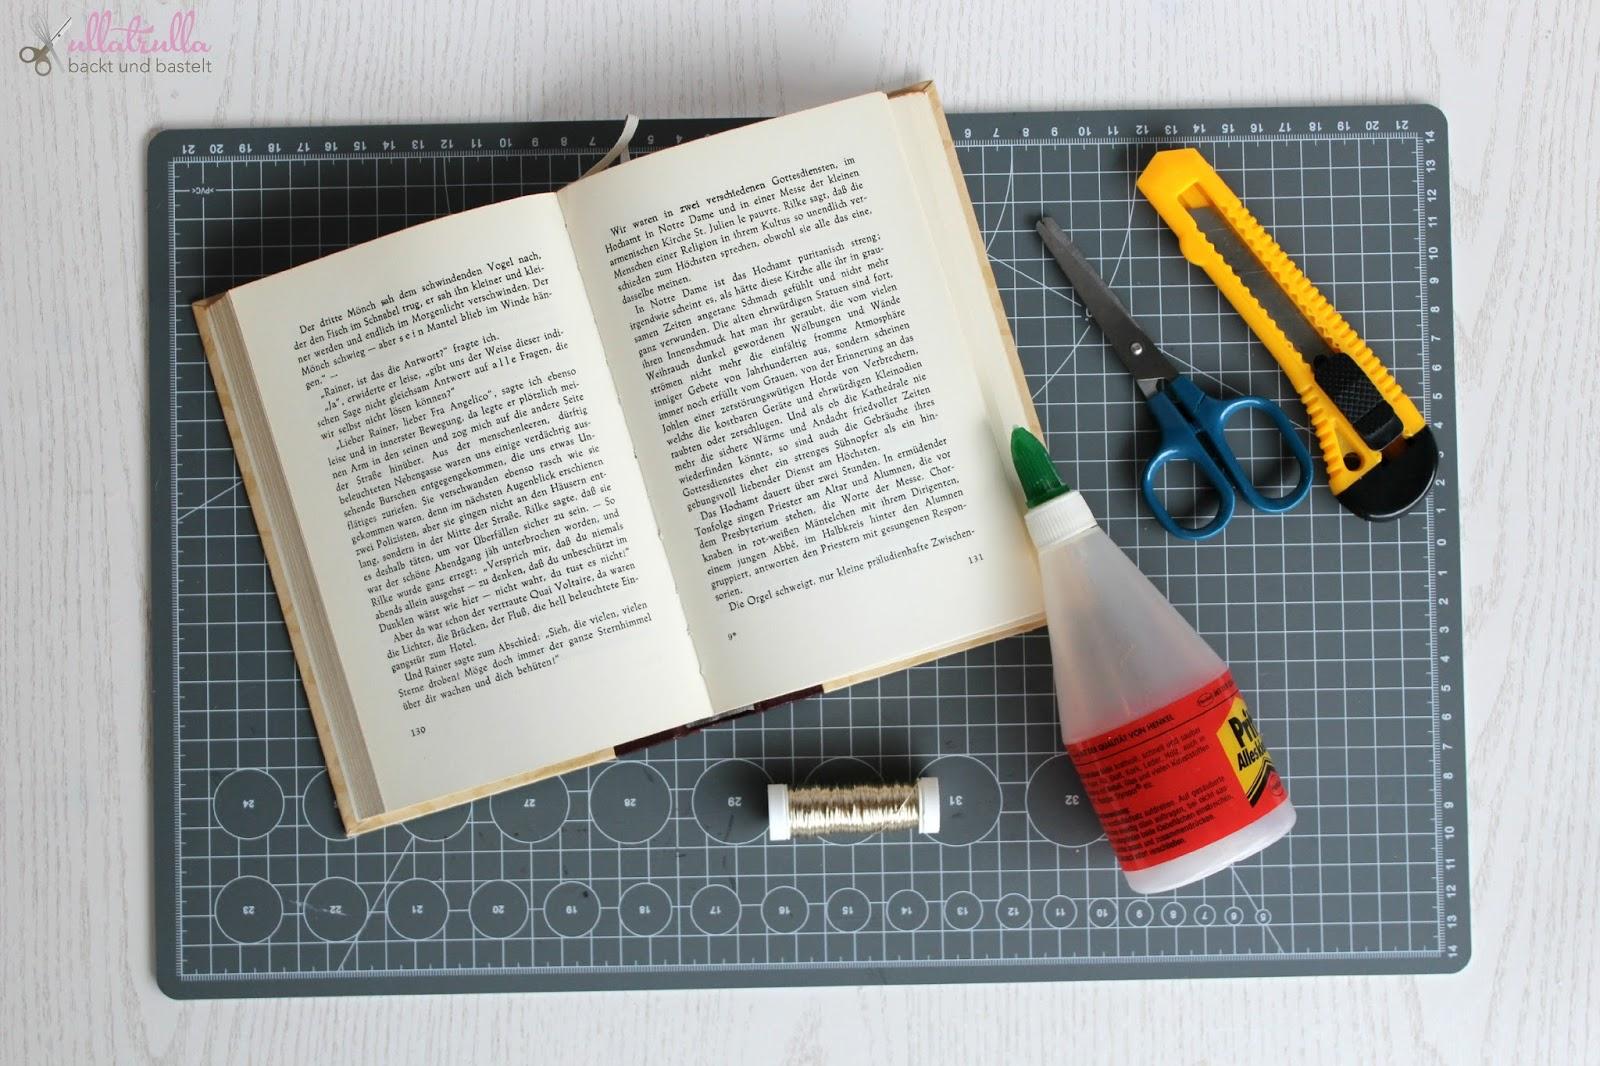 ullatrulla backt und bastelt: DIY Sternchenkranz aus alten Buchseiten